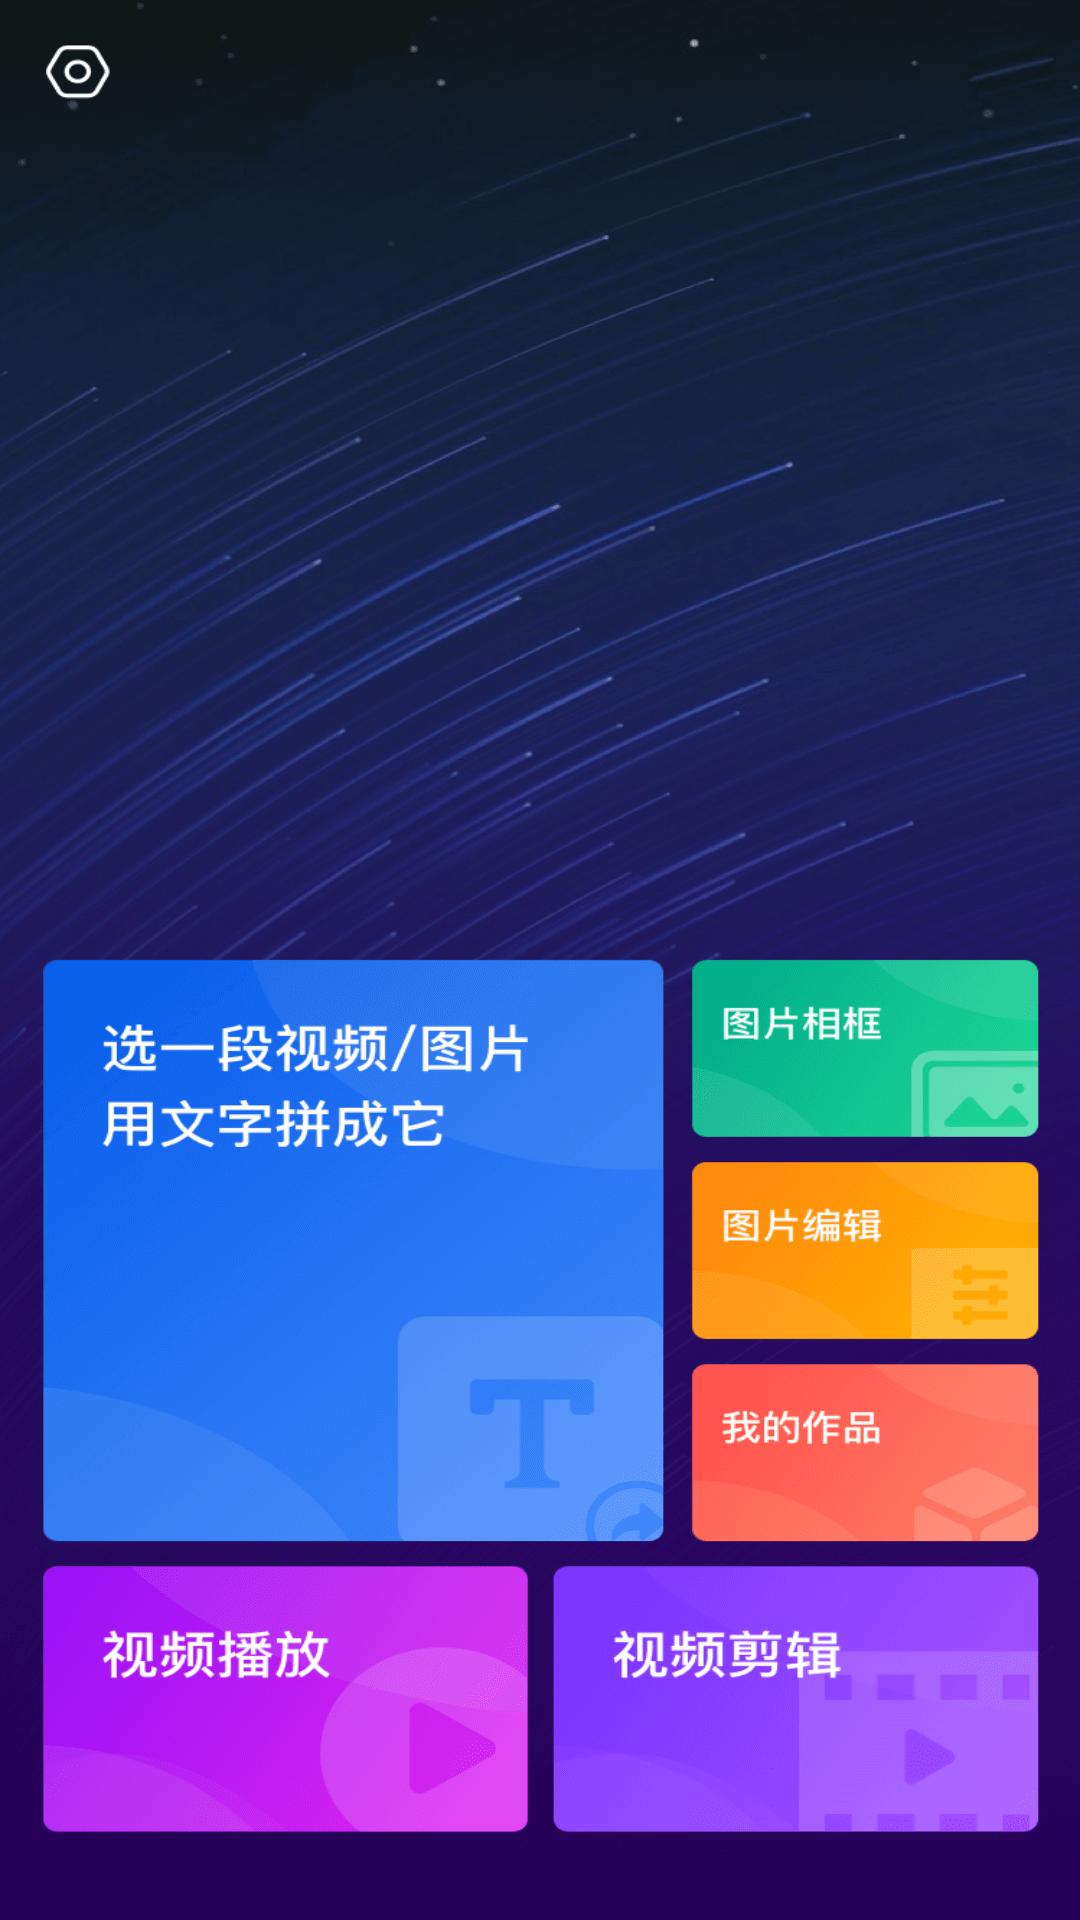 尤美剪辑 V1.0.0 安卓版截图1